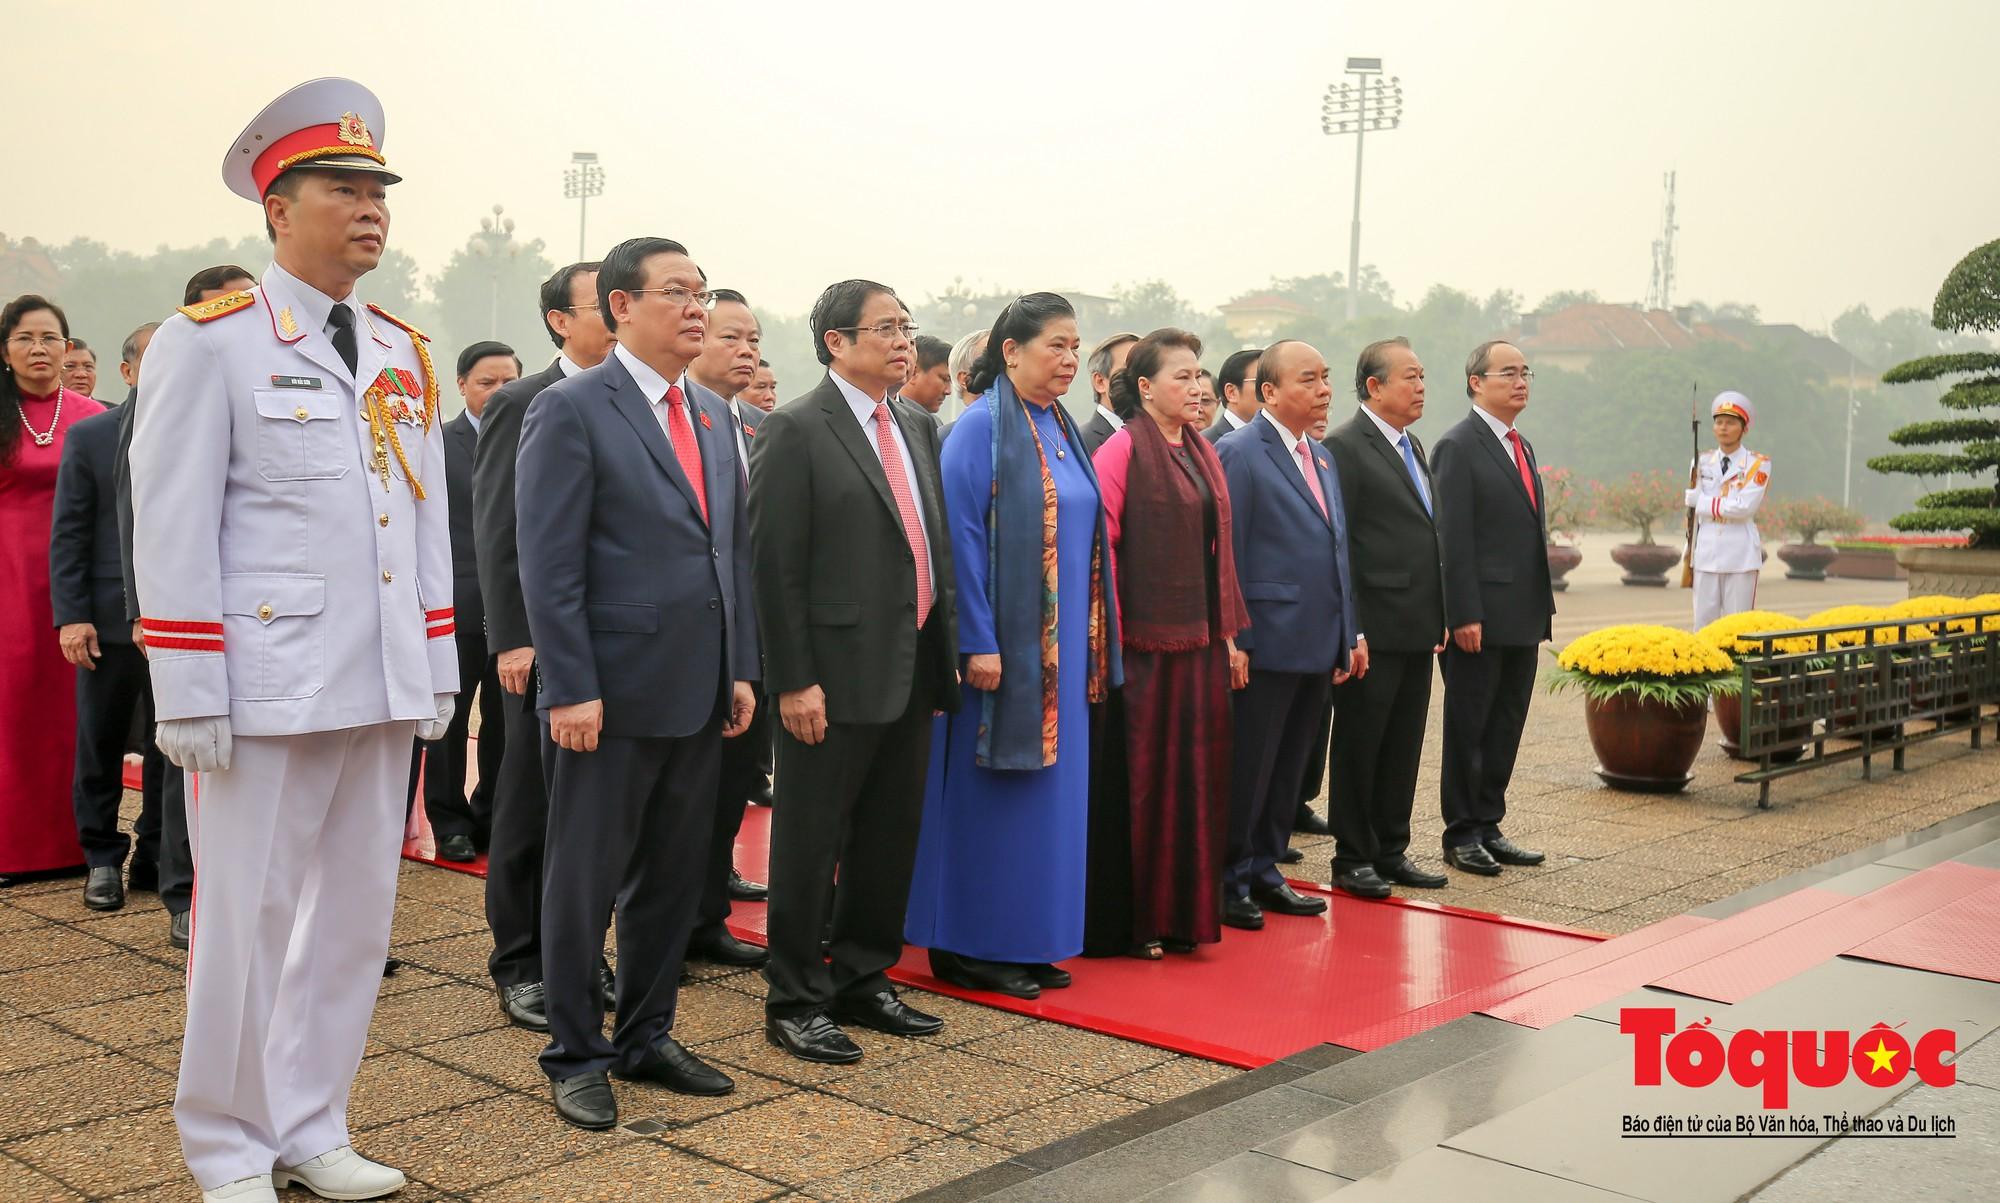 Đại biểu QH viếng Chủ tịch Hồ Chí Minh ngày khai mạc kỳ họp thứ 85